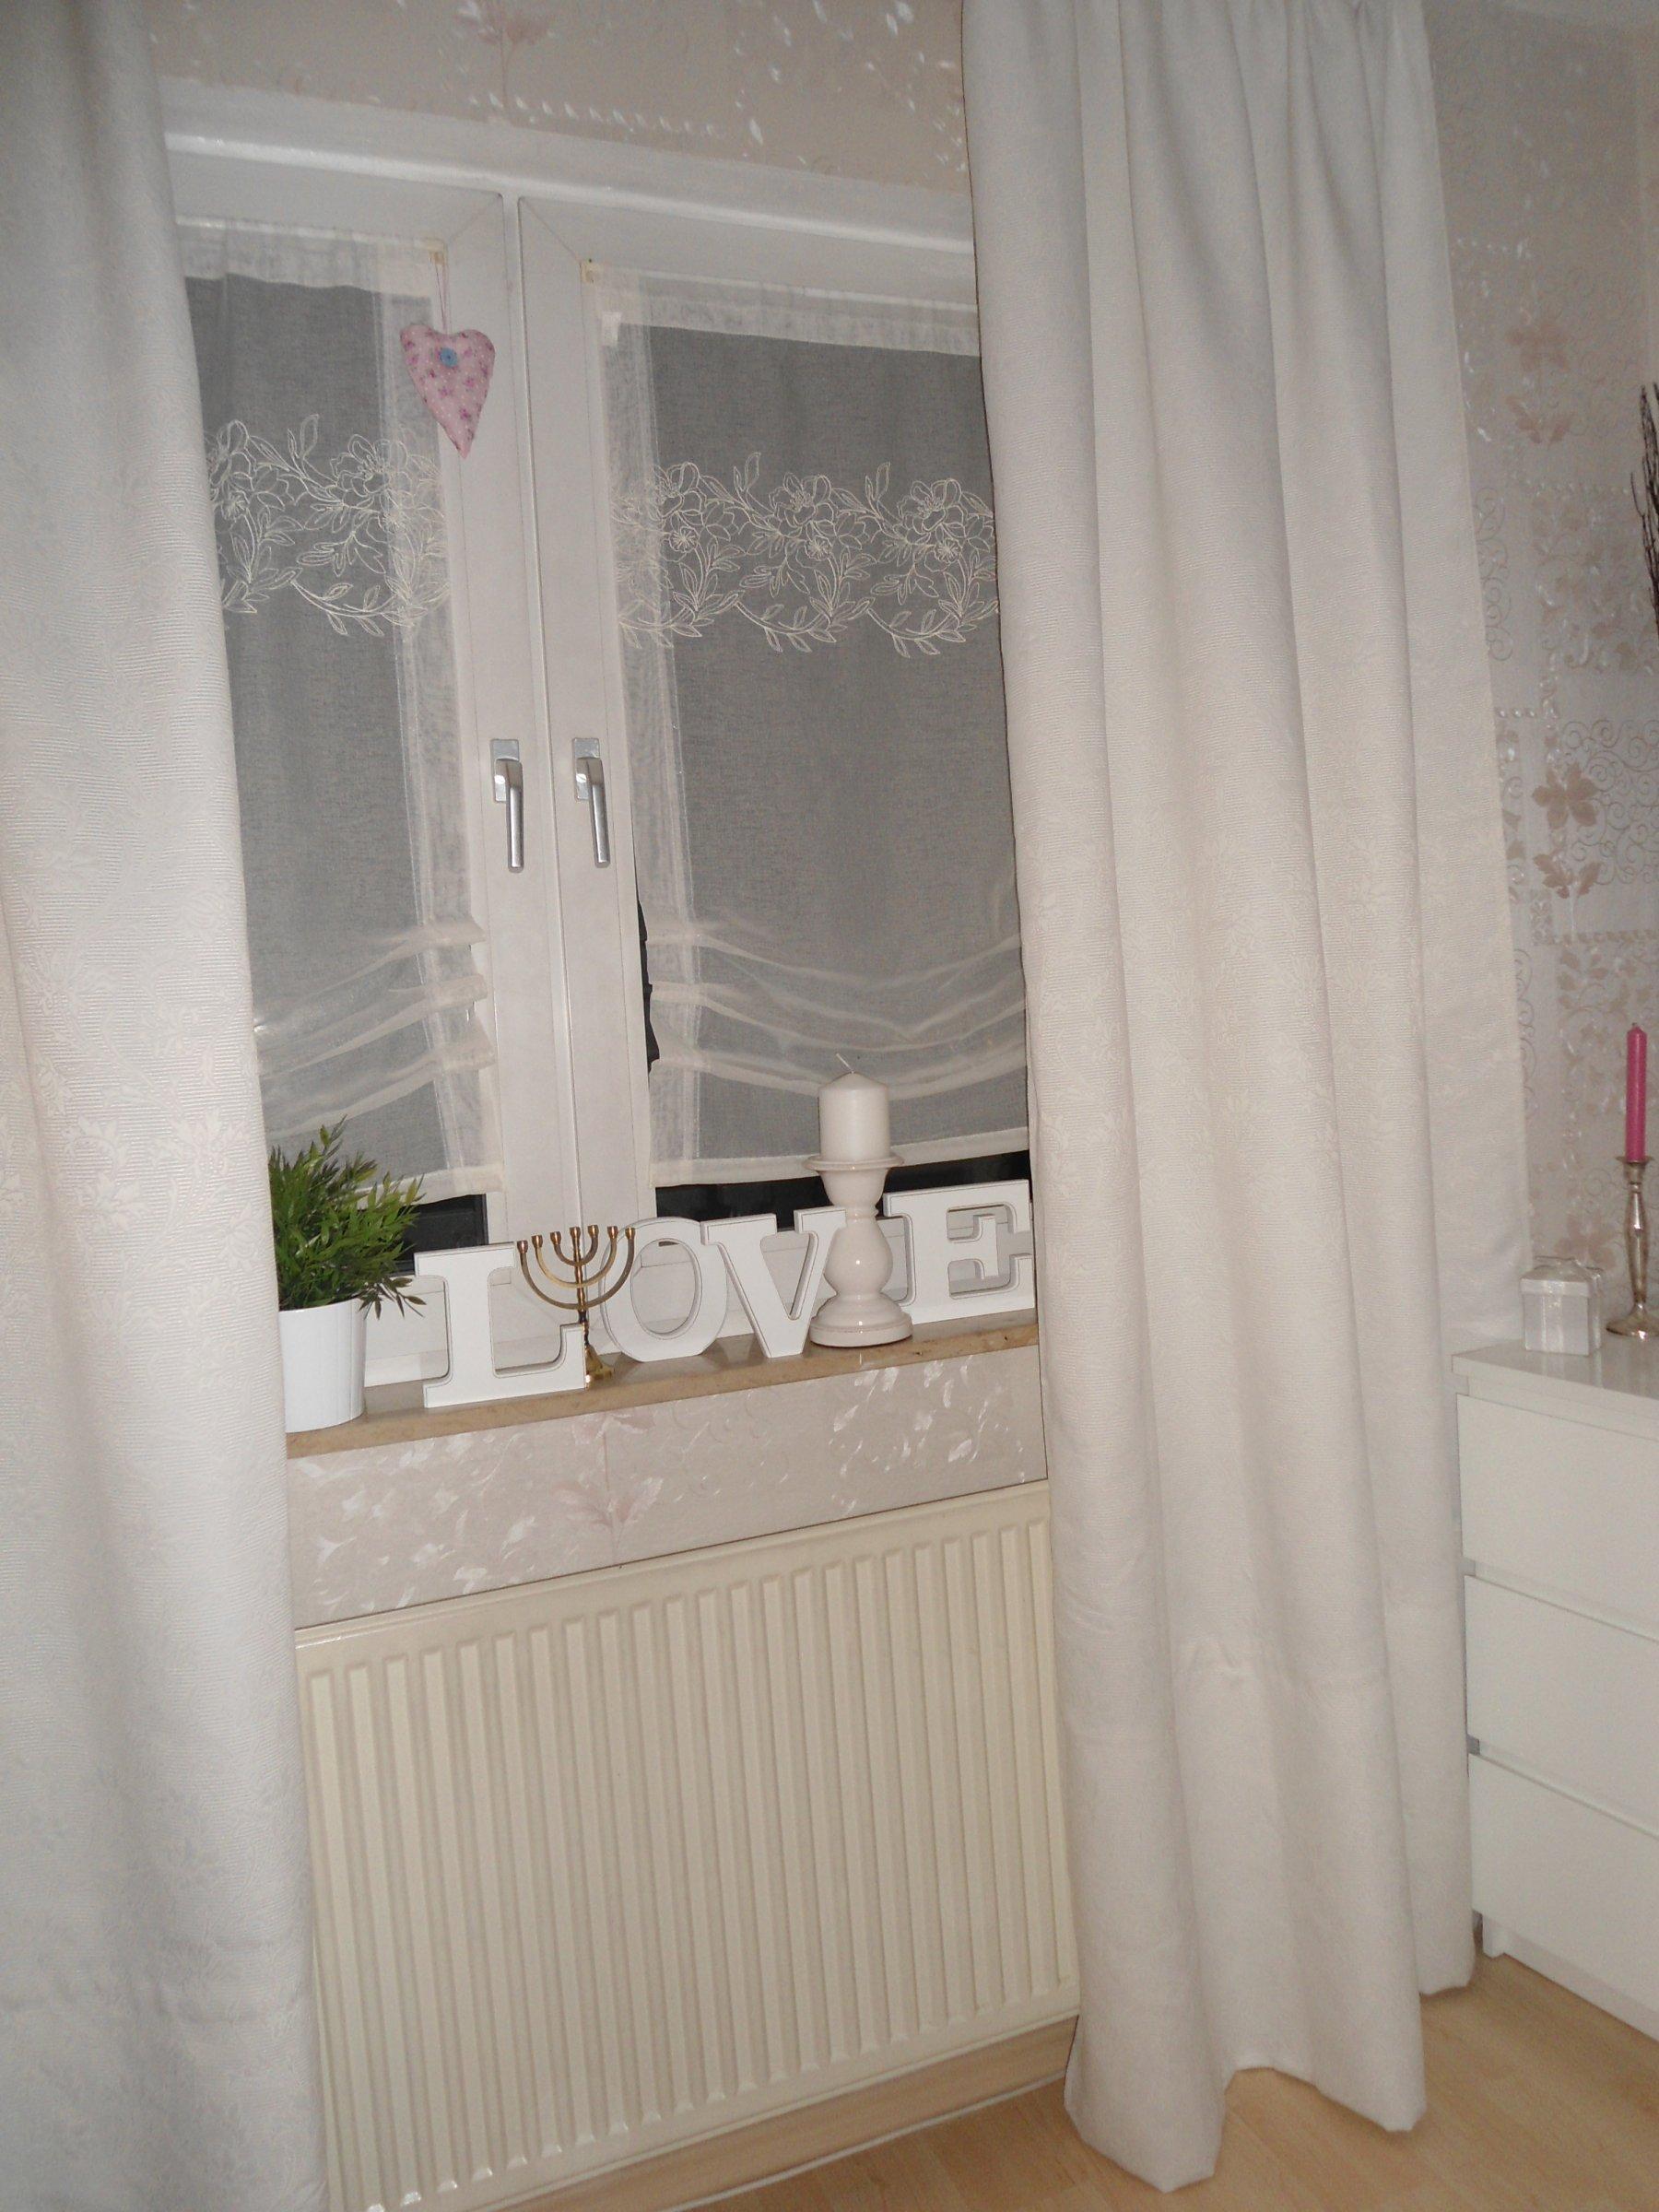 Schlafzimmer 'Mein Schlafzimmer' - Unser Heim - Zimmerschau